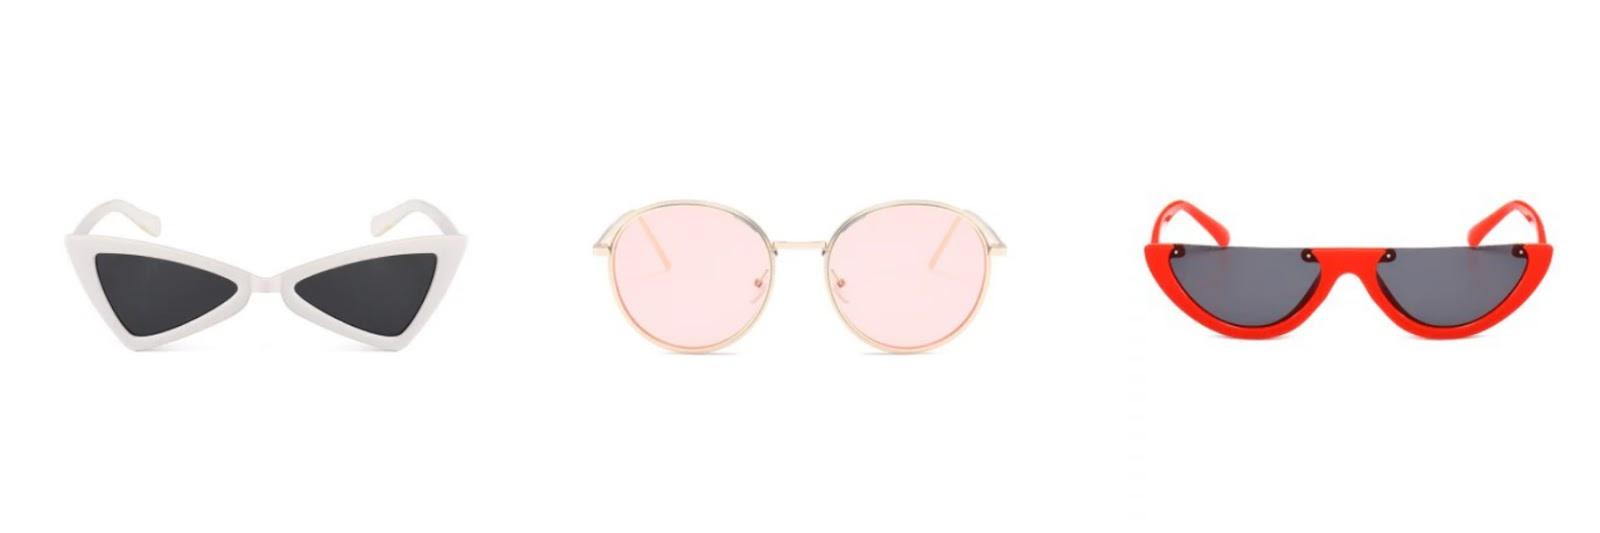 401cf80950813 Mas e a gora se você está se perguntando onde comprar eu separei pra vocês  vários óculos vintages babados na Rosegal, parceira do blog, pra você sair  ...